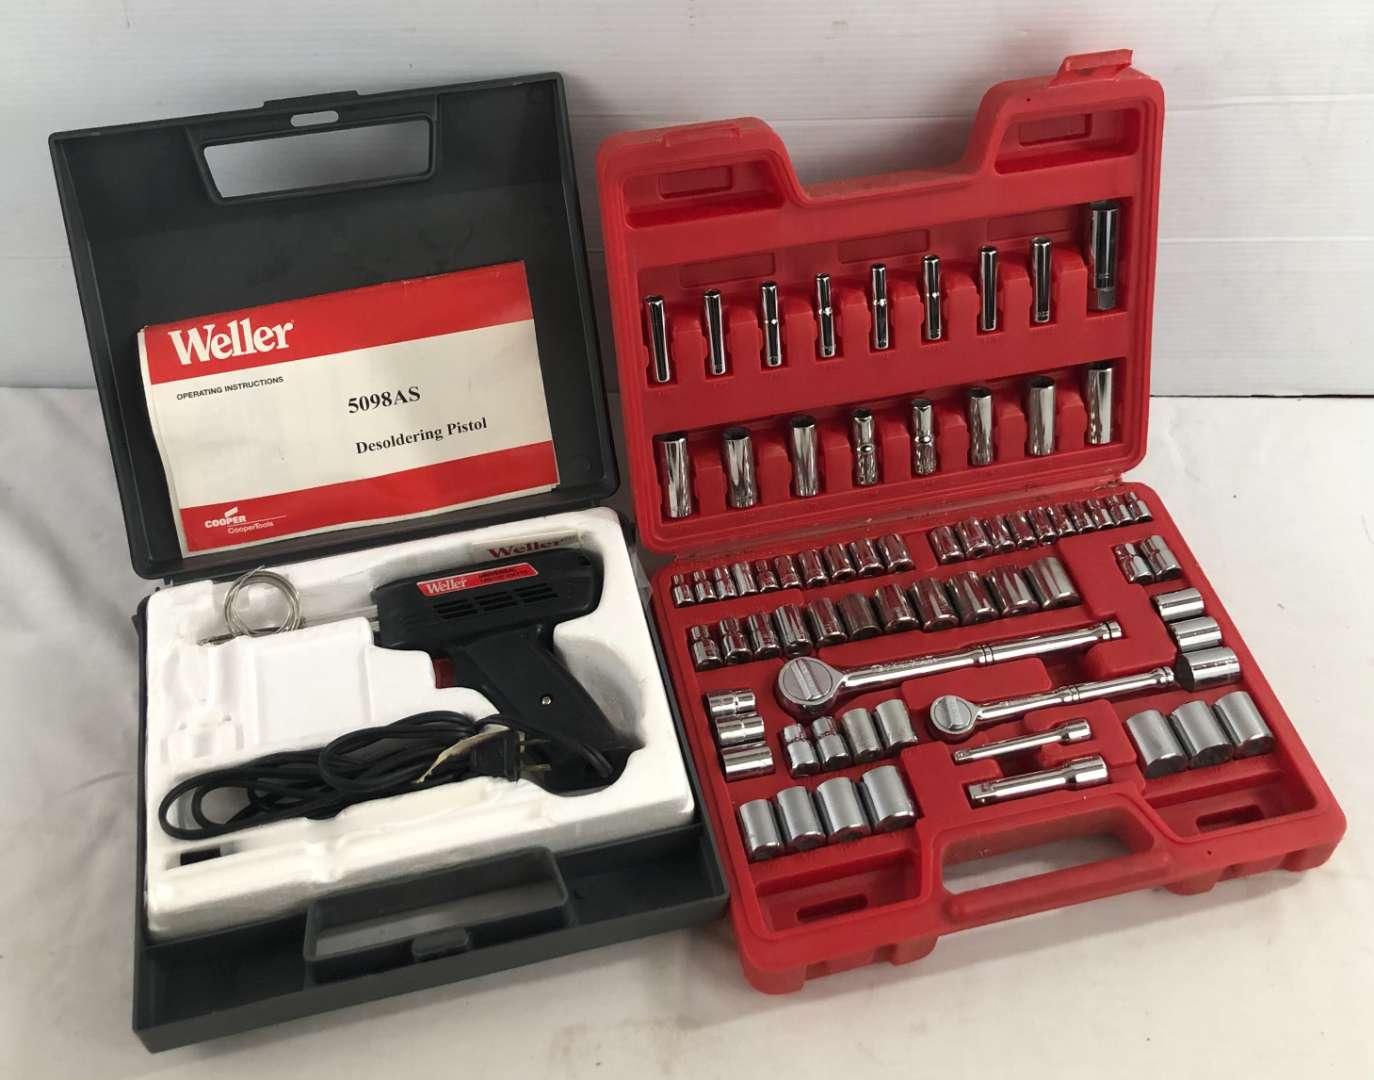 Lot # 39 - Socket Set and Weller Desoldering Pistol (main image)